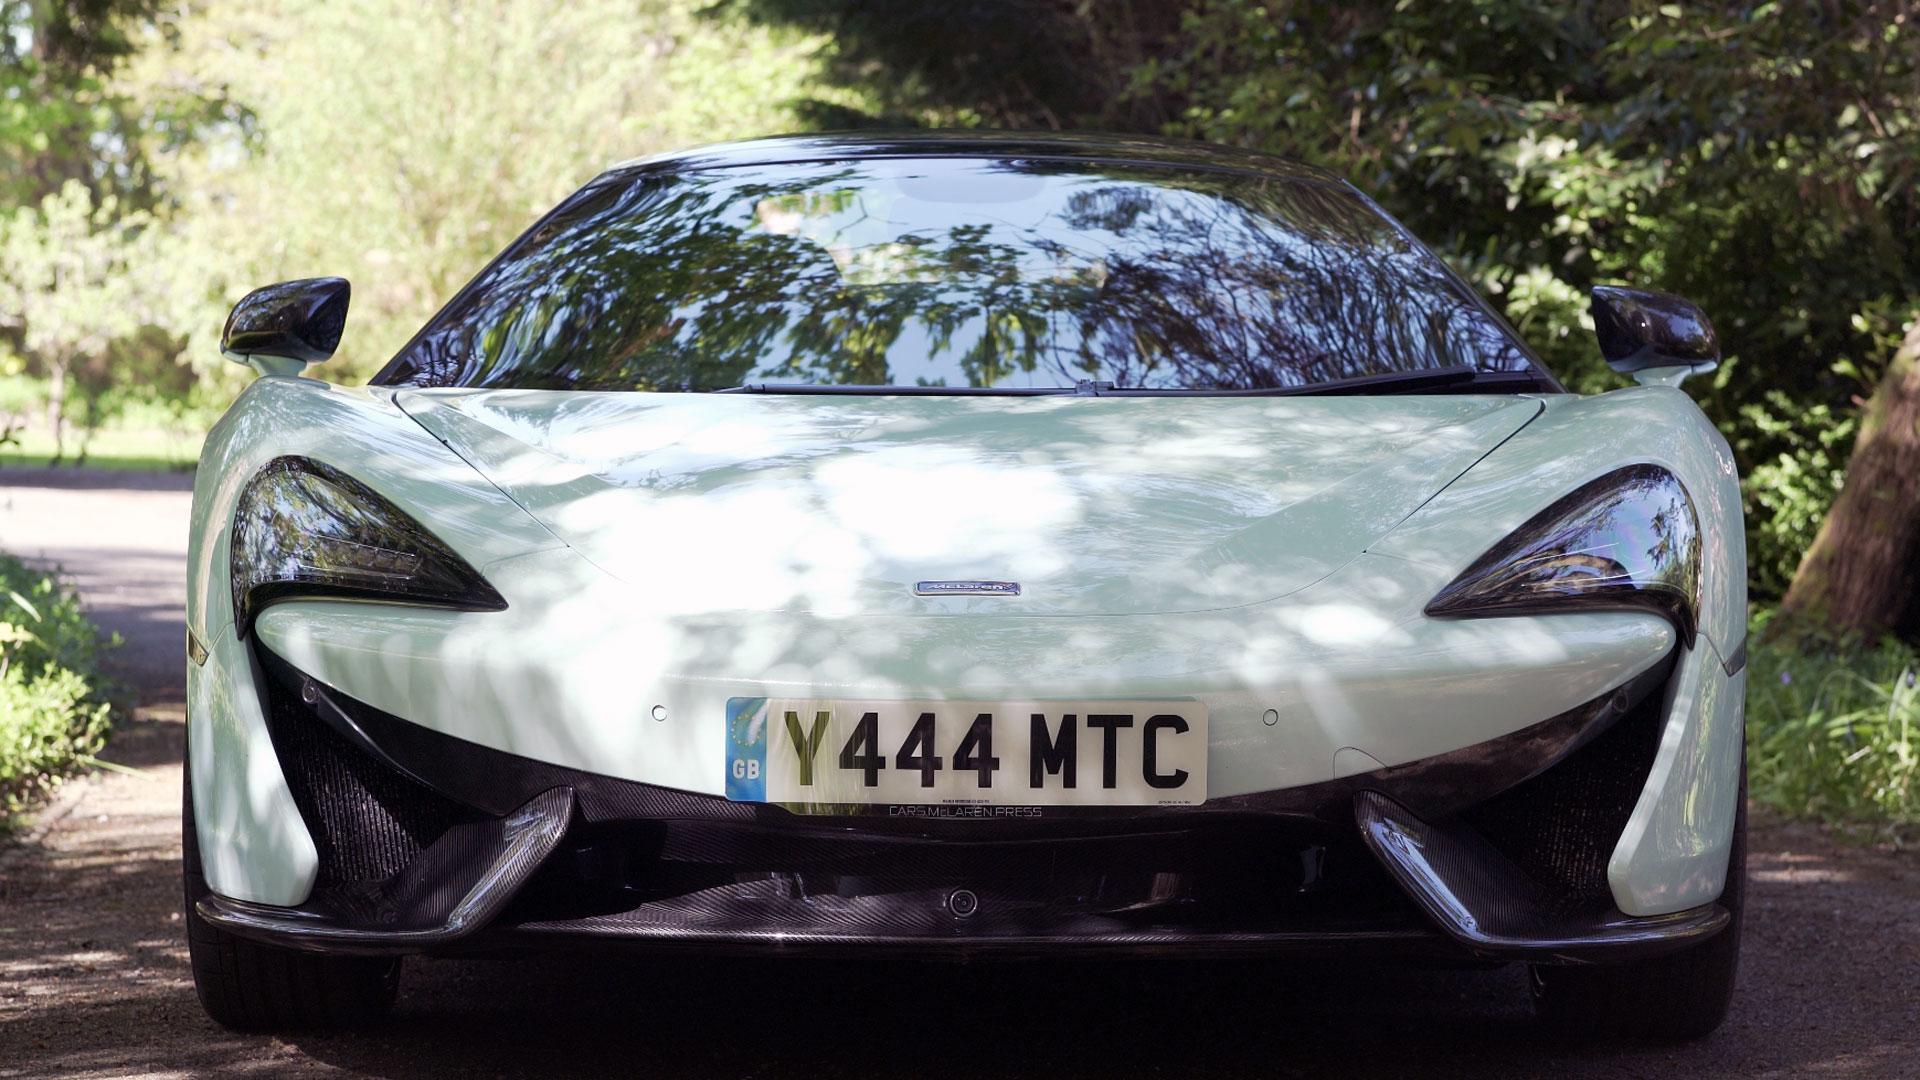 Filming a car video: Main image of a McLaren 570S in Murawai White